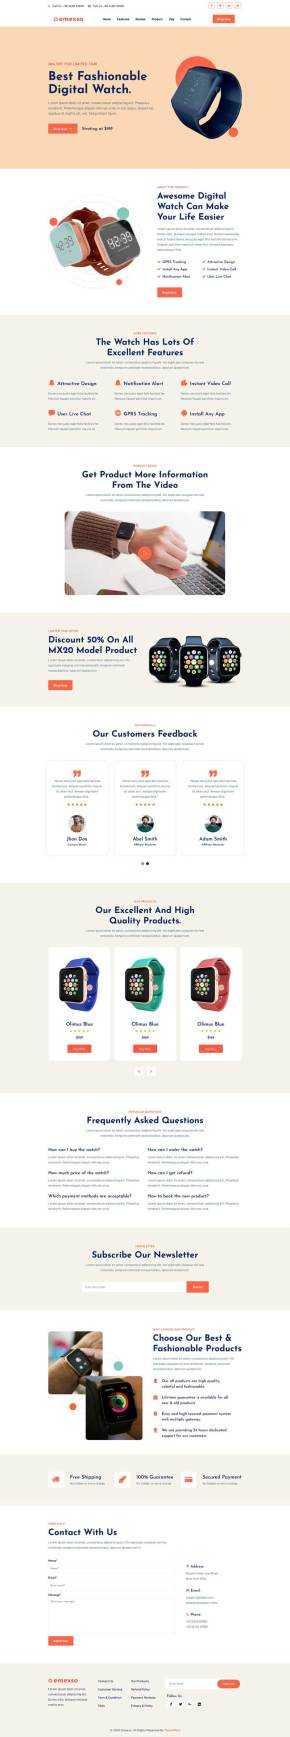 数码产品展示介绍单页模板